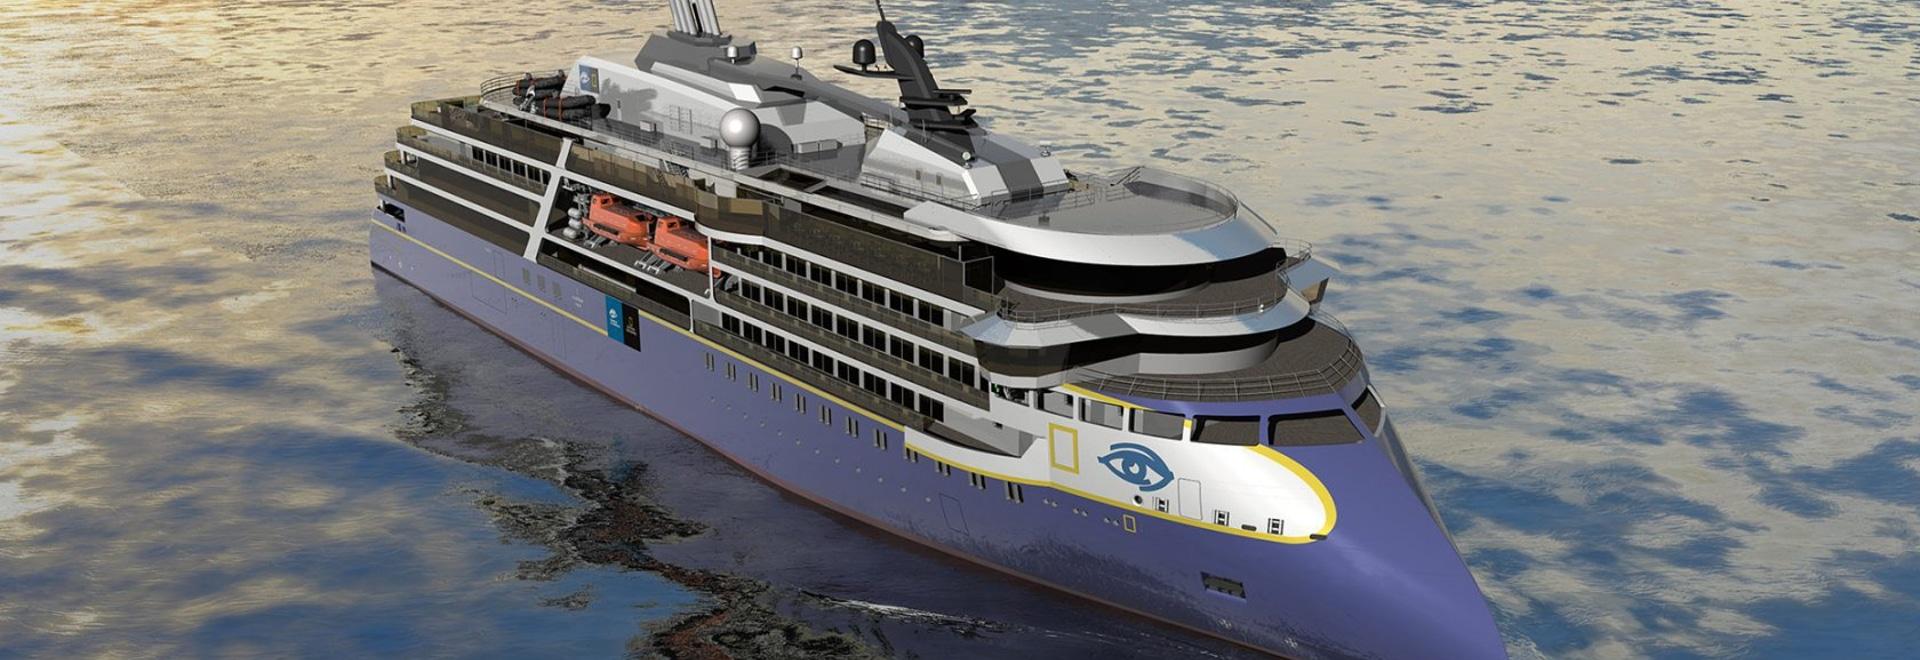 La nuova nave seguirà la resistenza di National Geographic (sopra), che è preveduta per la consegna dal Ulsteinvik di Ulstein, Norvegia, cantiere navale nel 2020